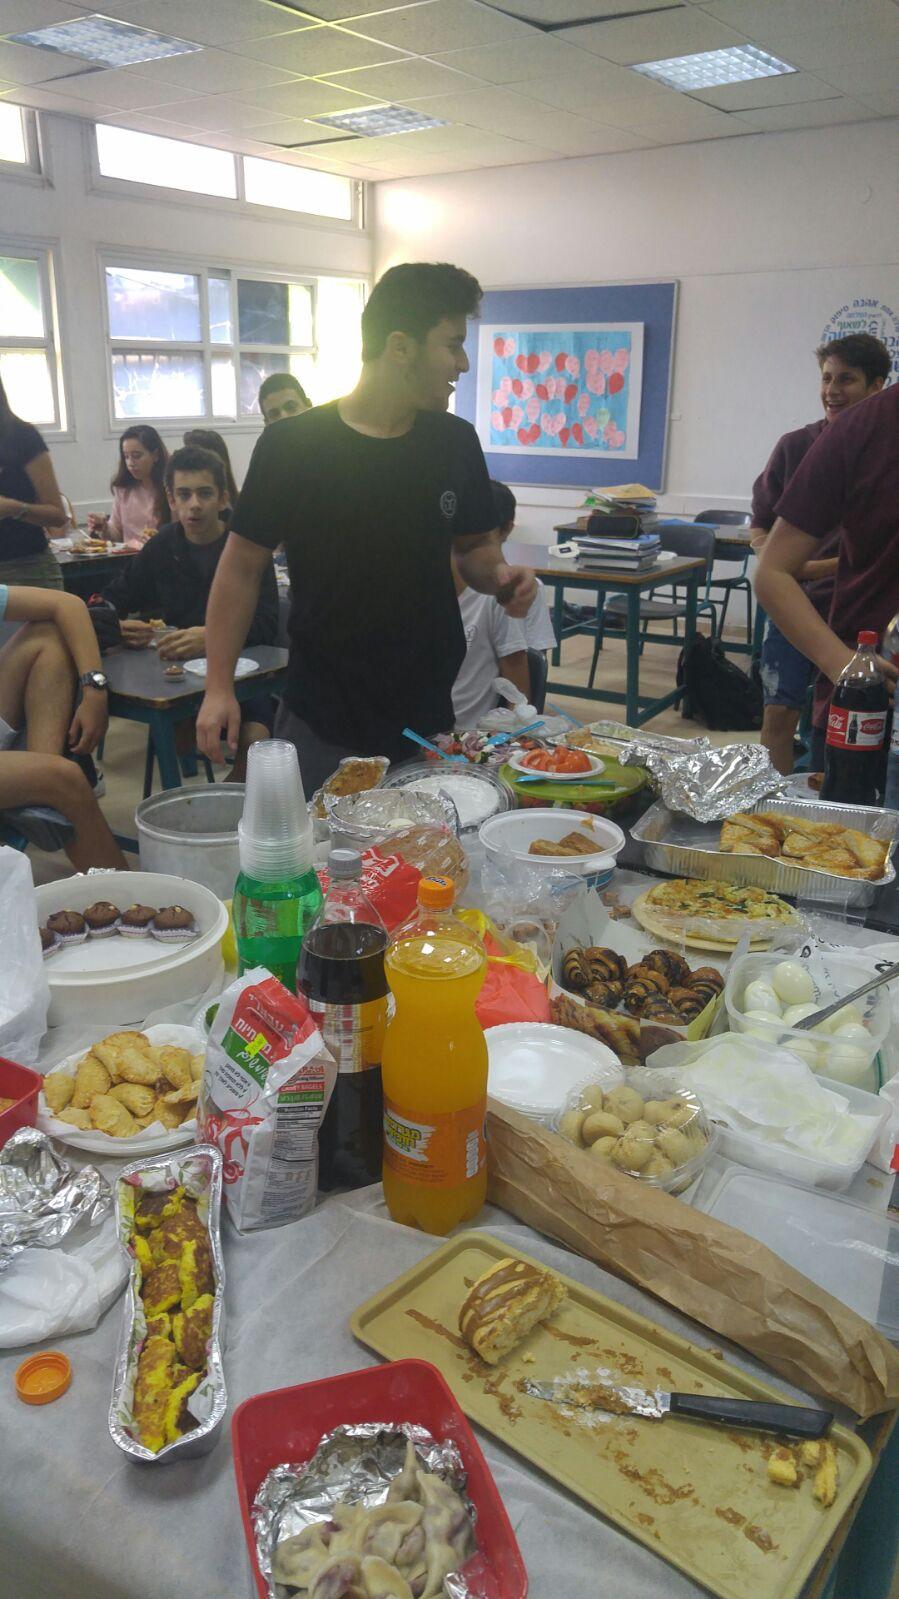 שיעור אזרחות בשבוע העליות - מאכלי עדות